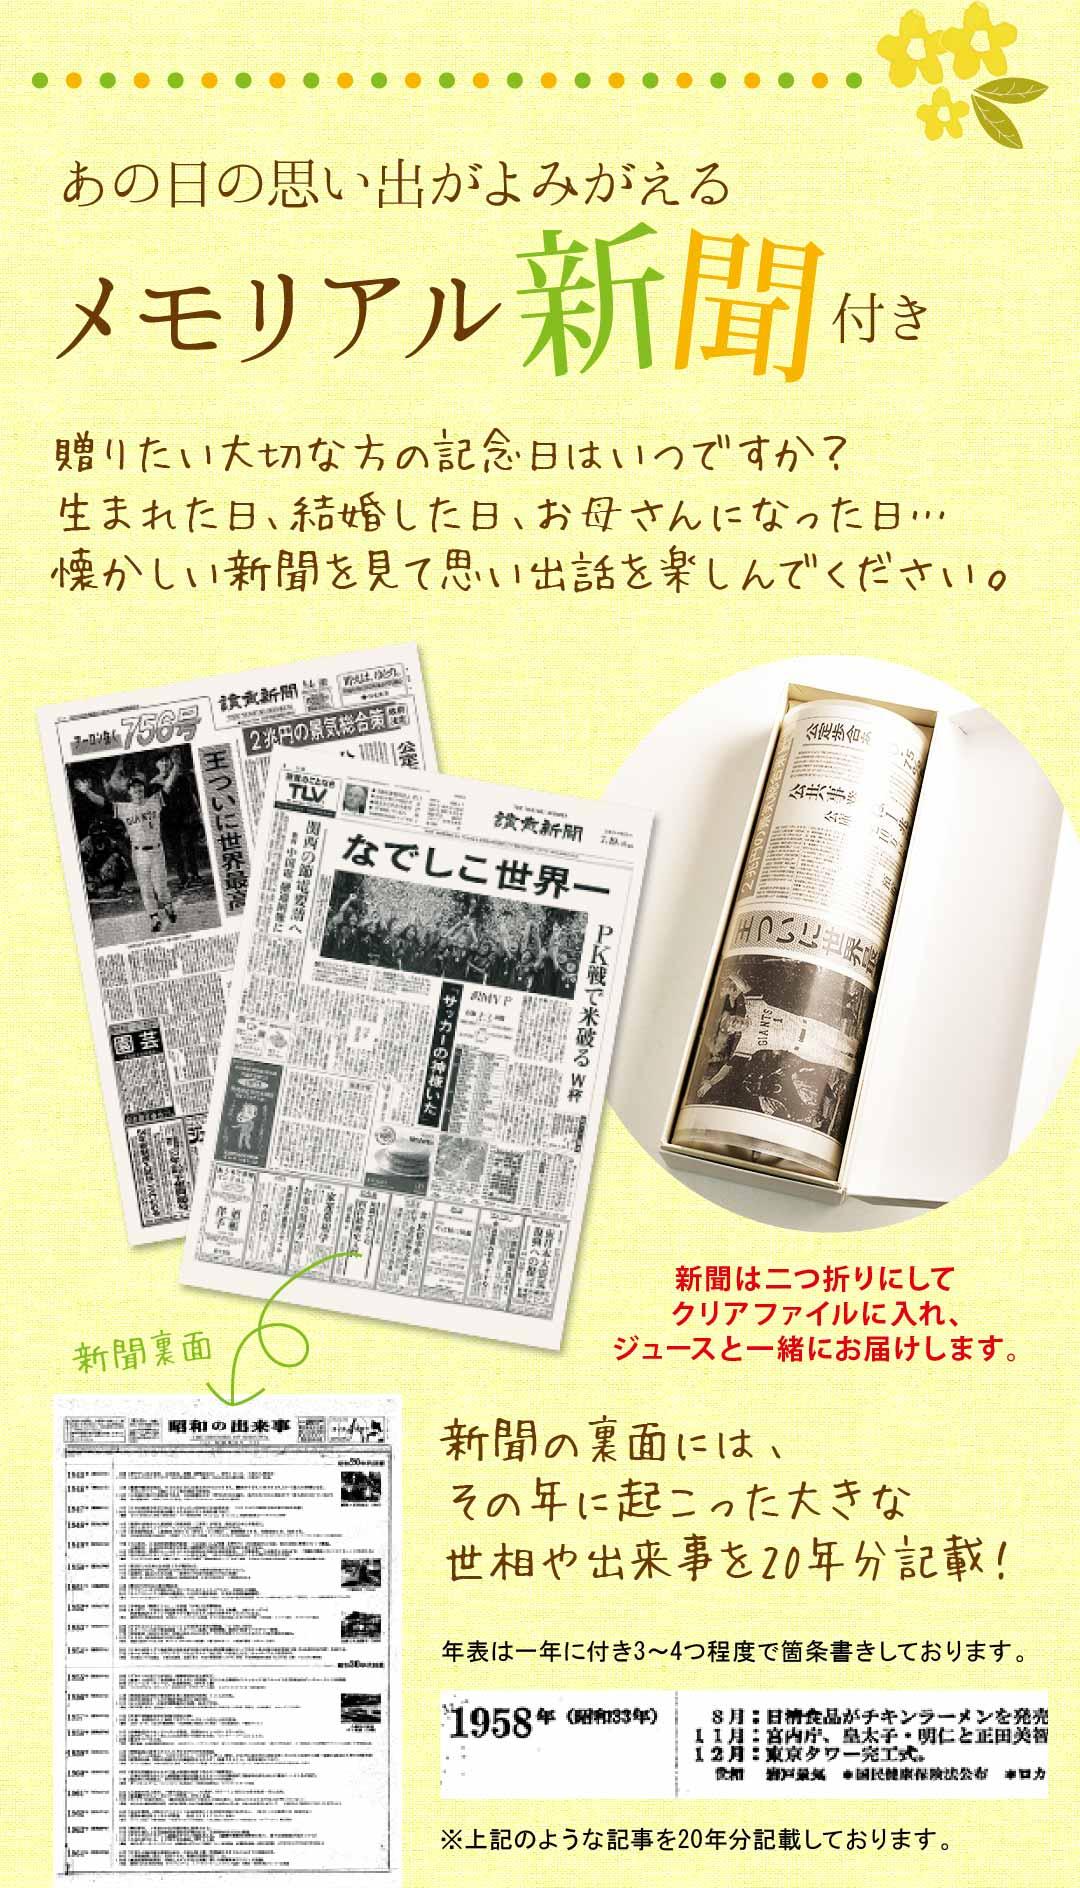 思い出がよみがえる記念日の新聞付き